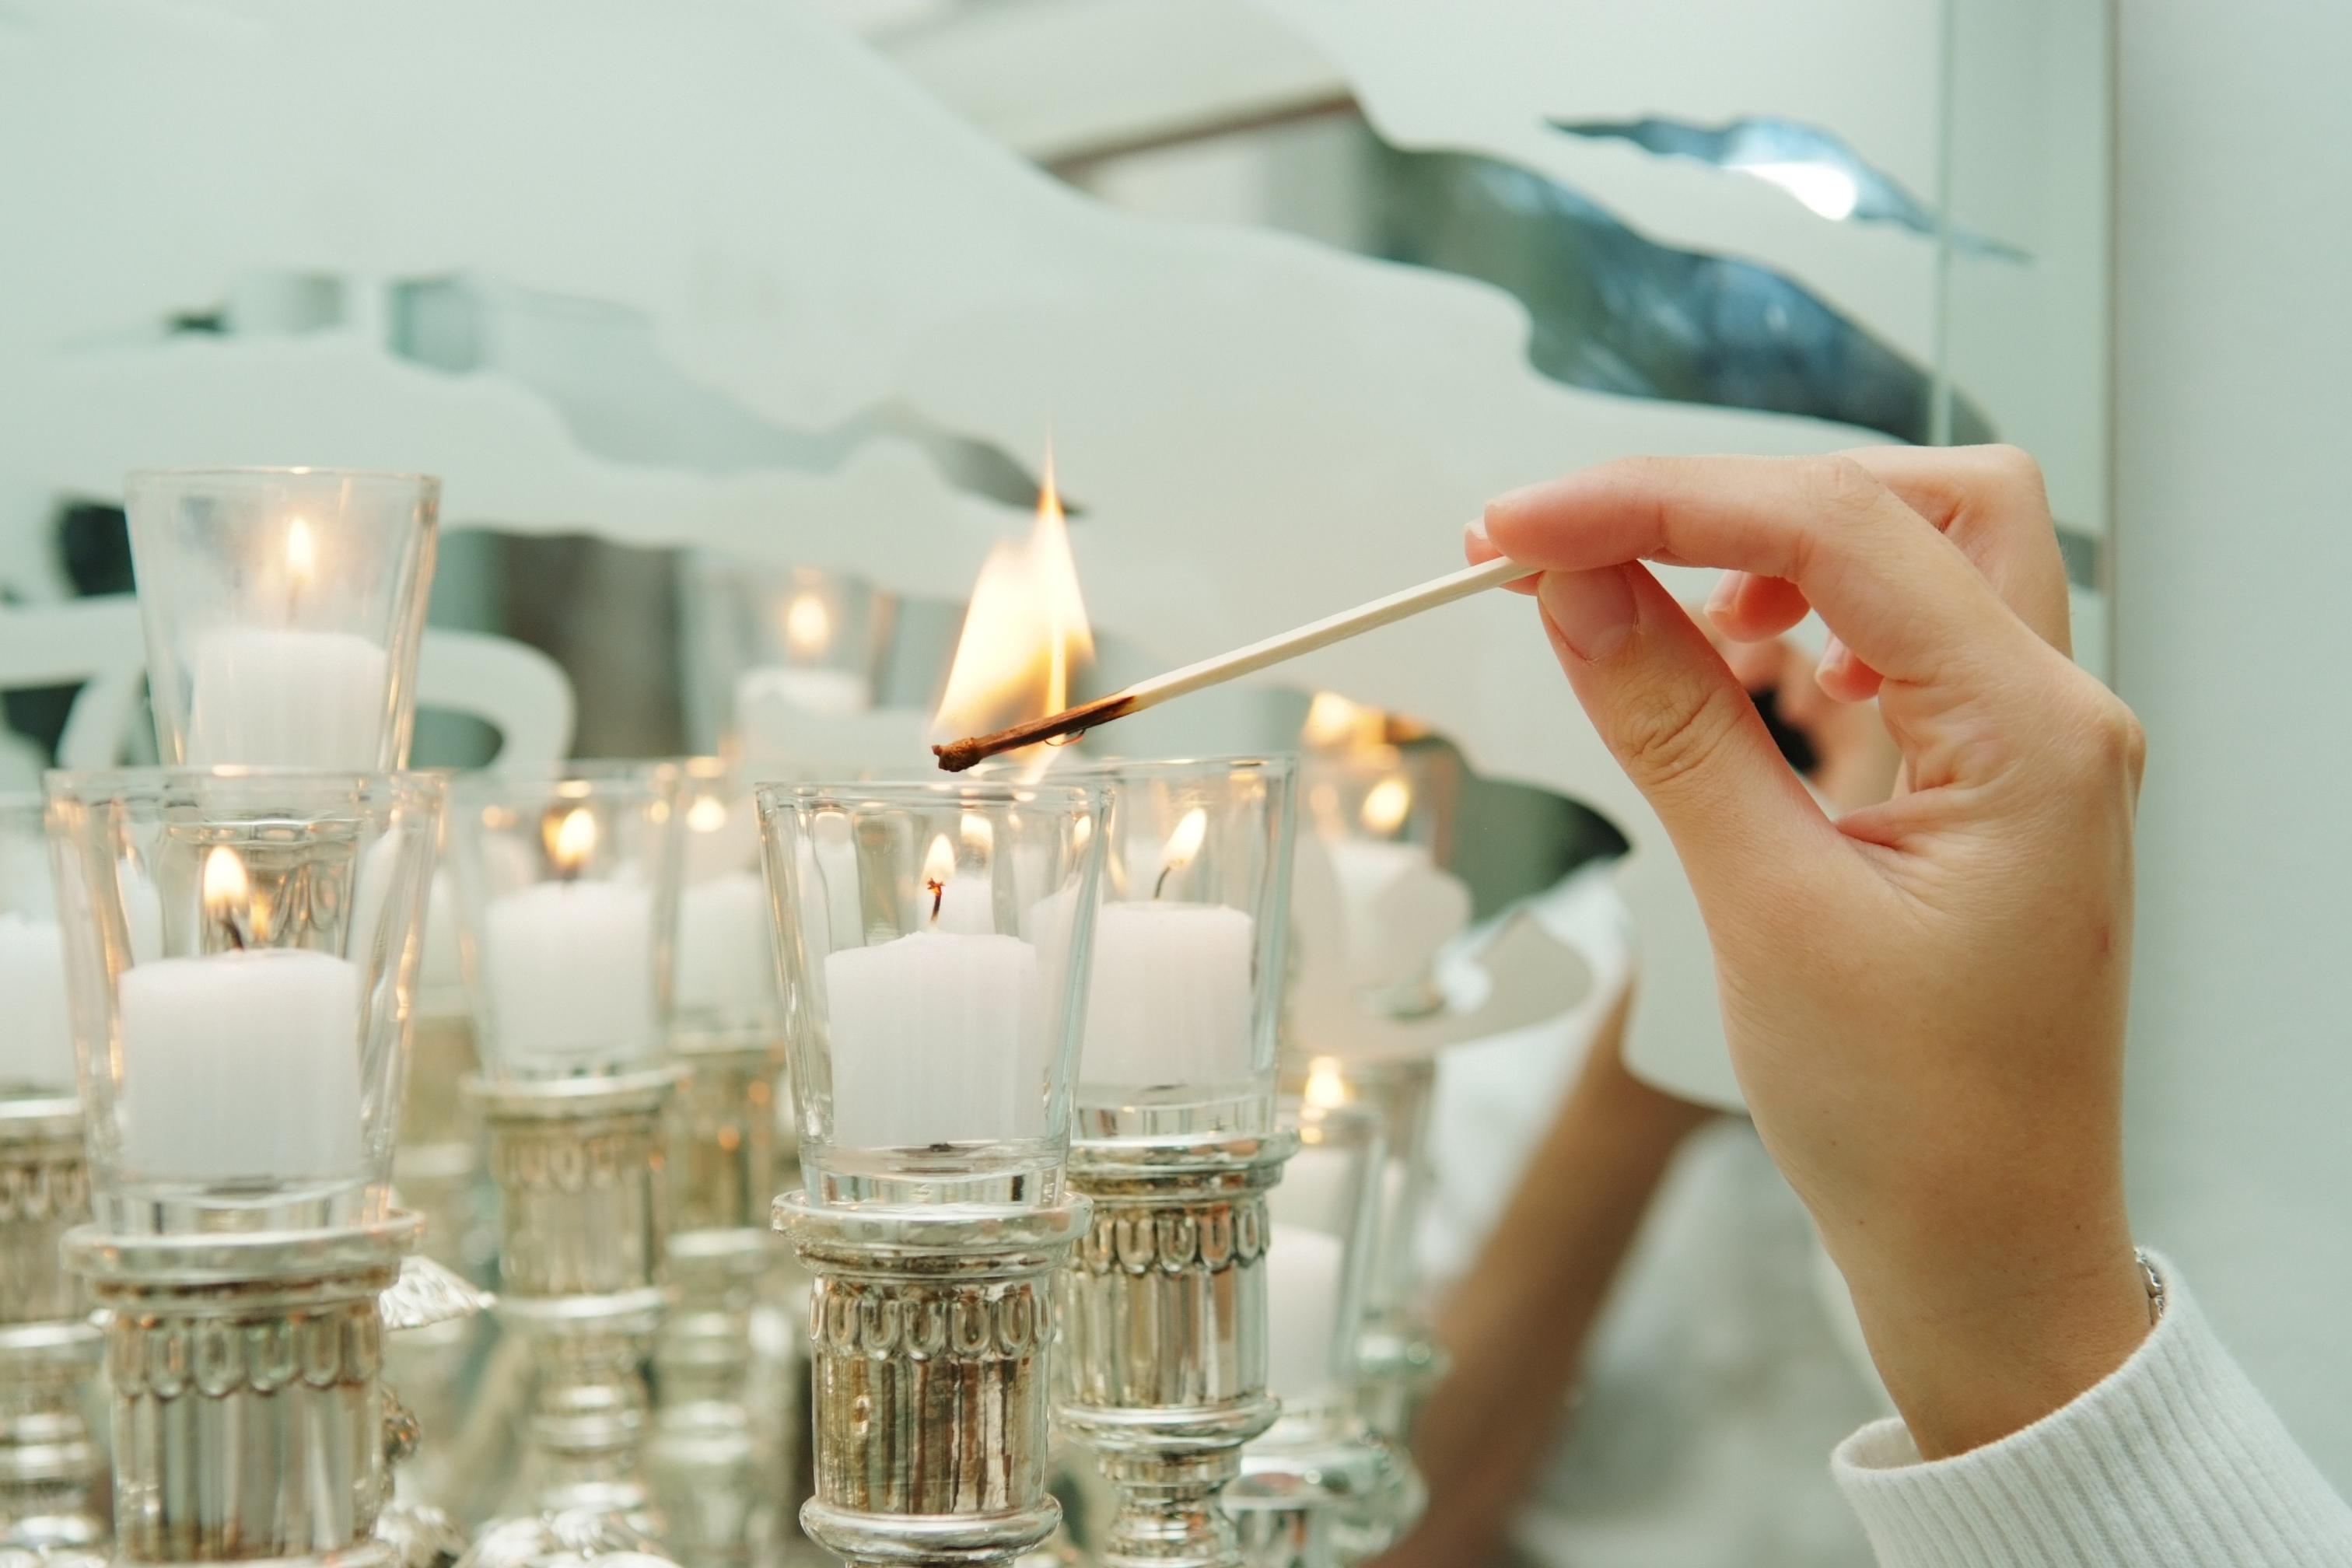 נרות שבת חשמליים: הפתרון האולטימטיבי לנשים מאושפזות